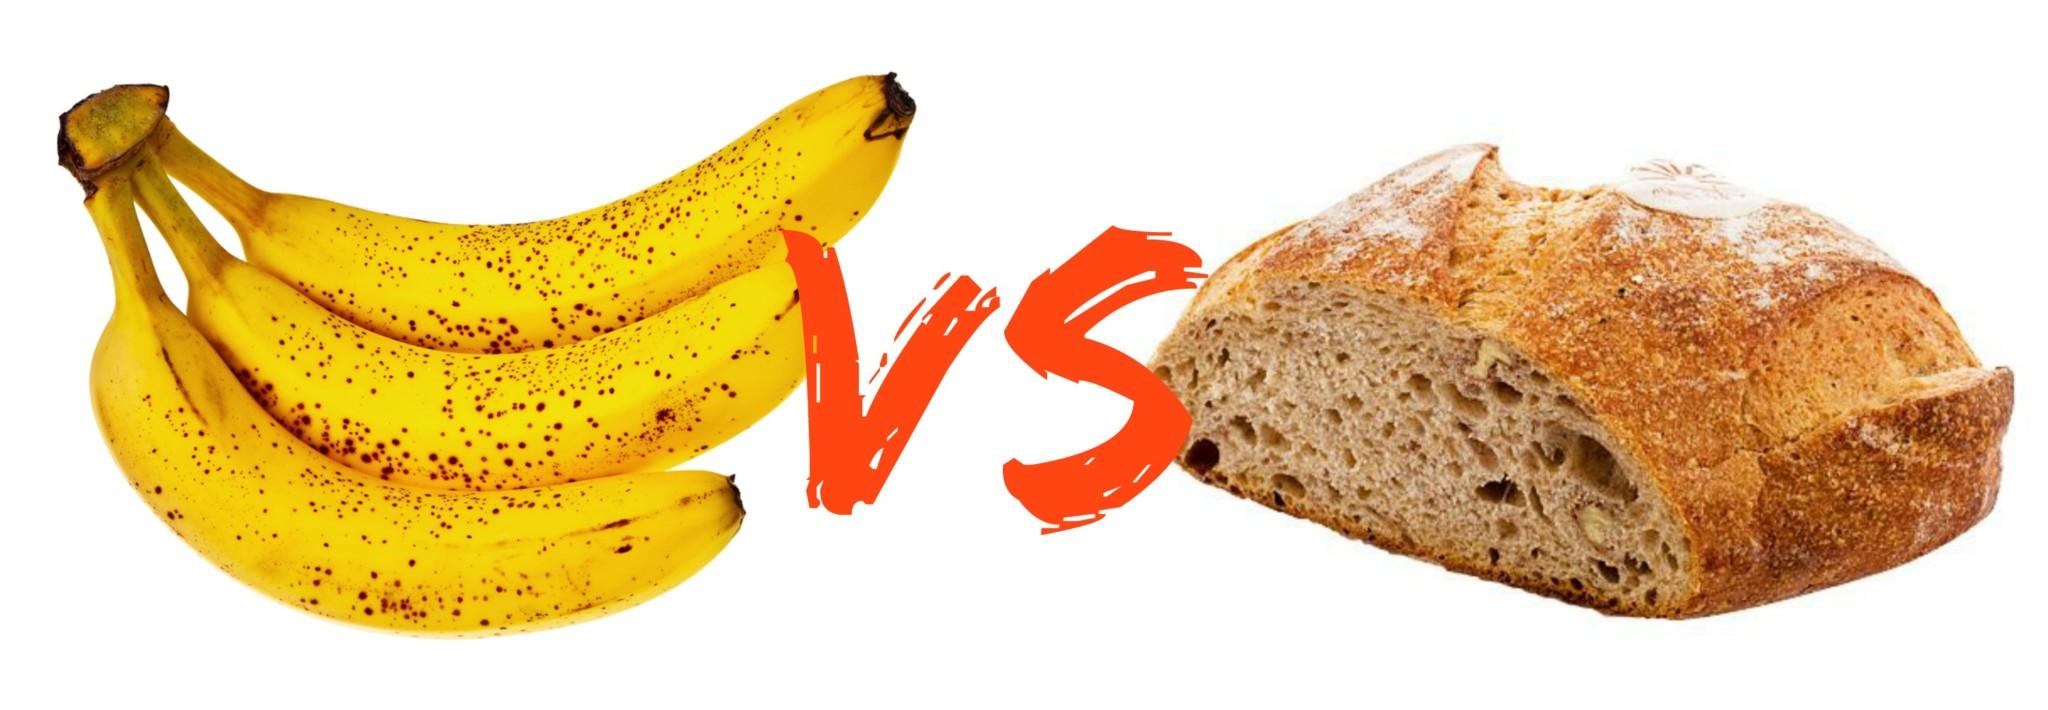 banane vs pain charge glycémique